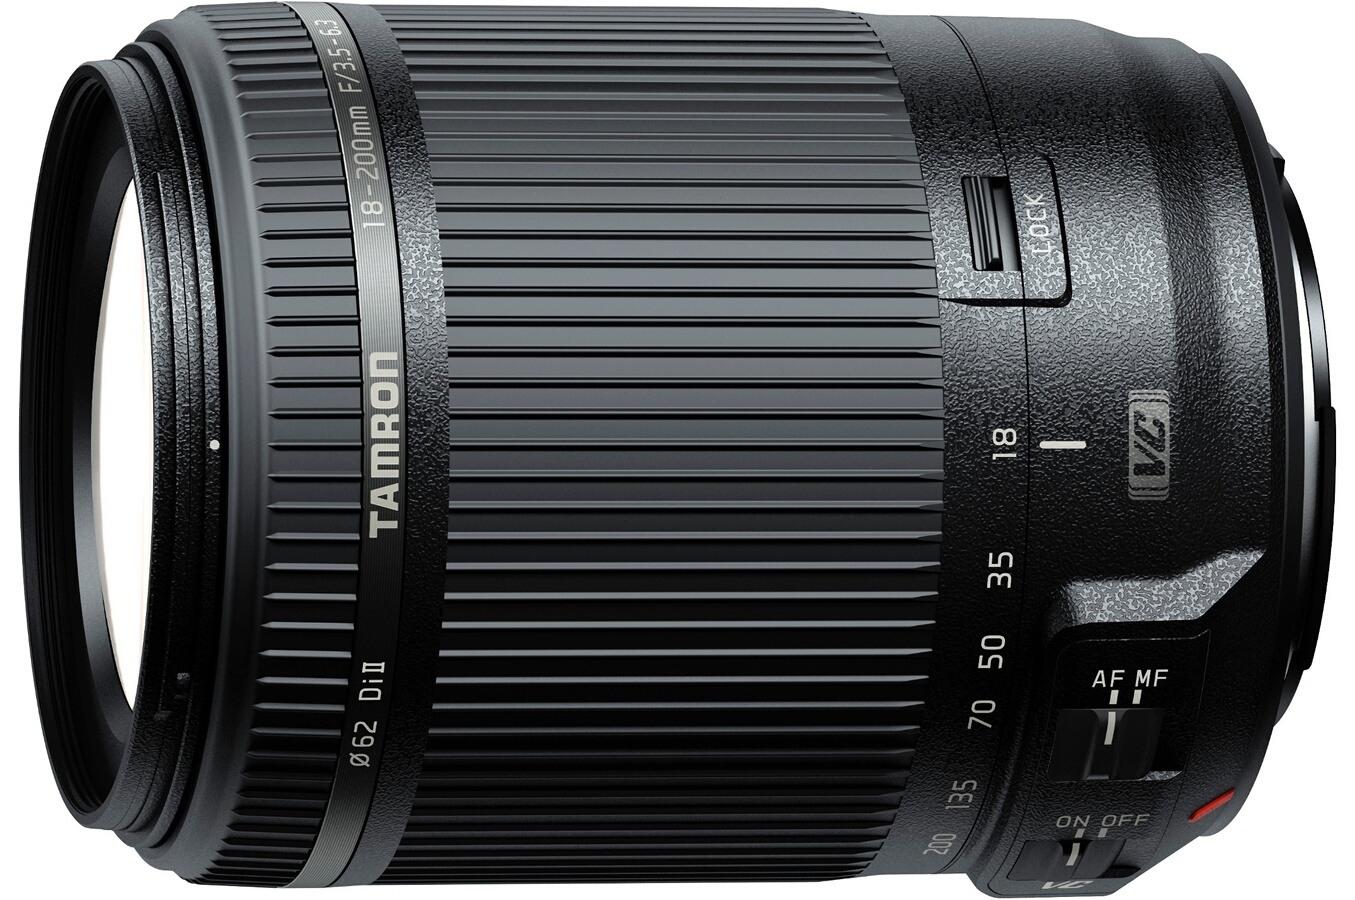 Objectif Zoom Tamron 18-200mm F/3.5-6.3 Di II VC - Monture Nikon DX (capteur APS-C)